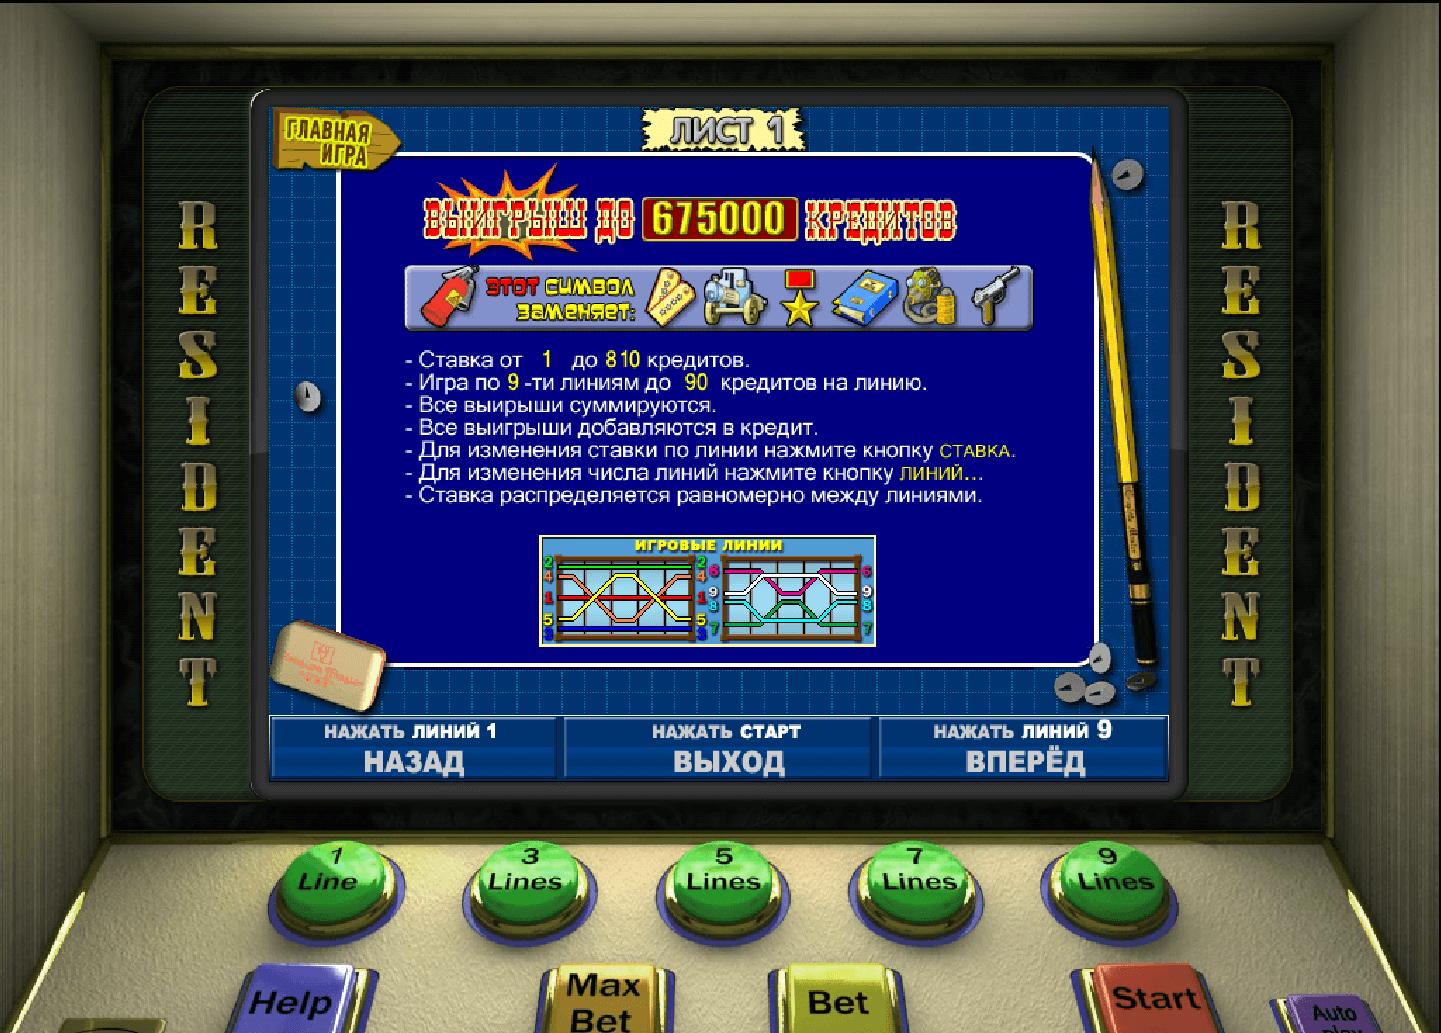 Робинзон игровой автомат играть бесплатно и без регистрации